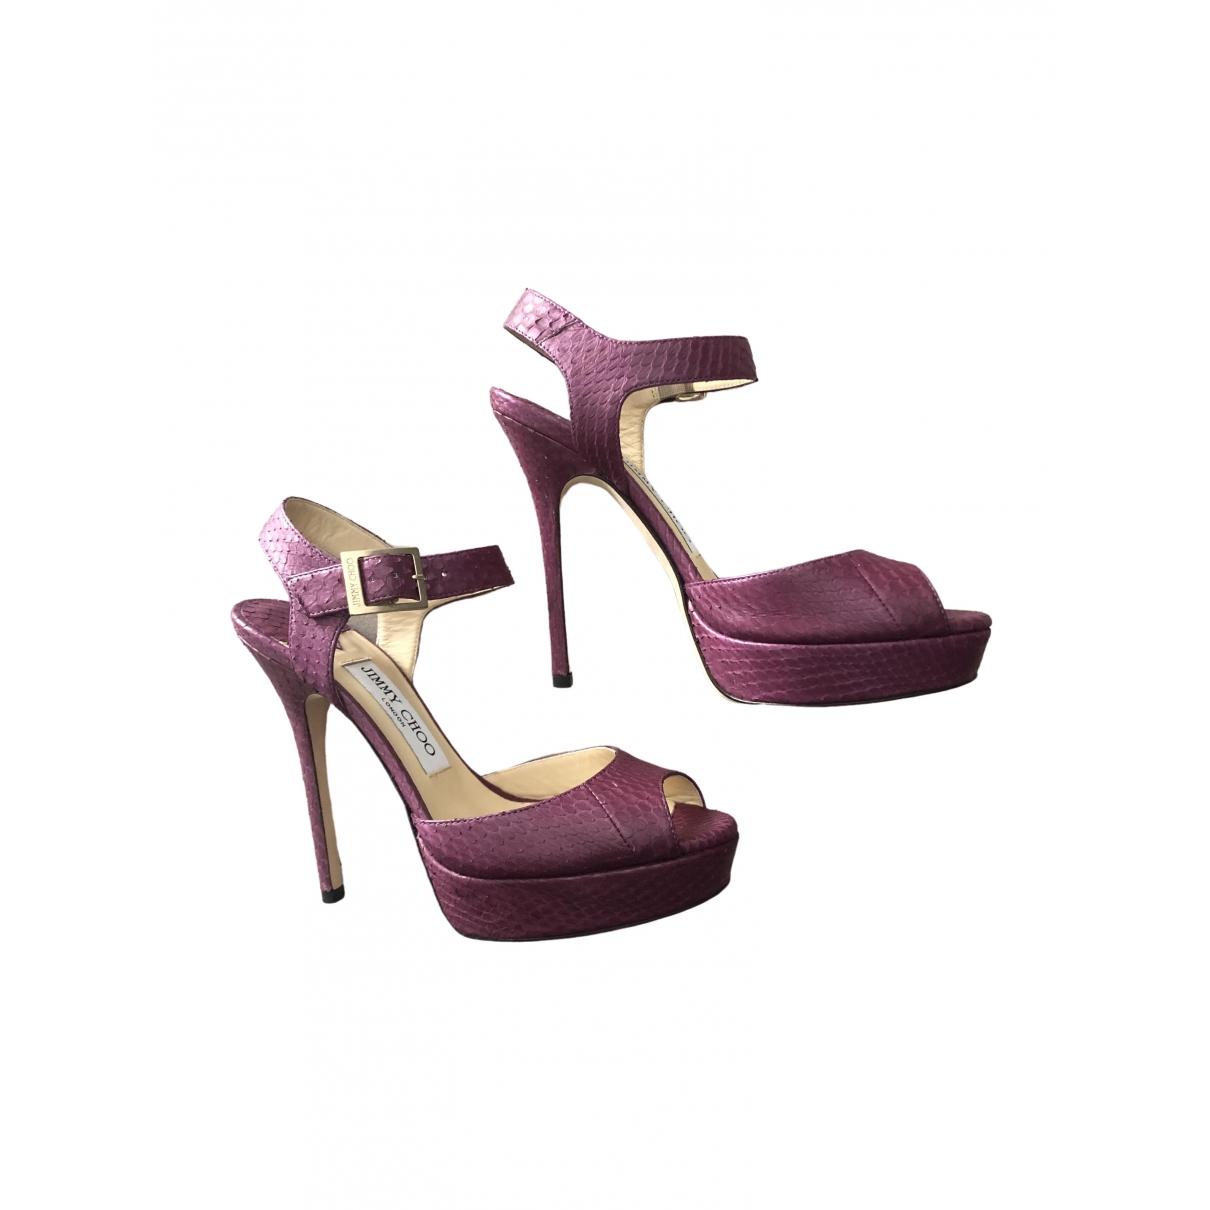 Jimmy Choo \N Purple Water snake Sandals for Women 36.5 IT